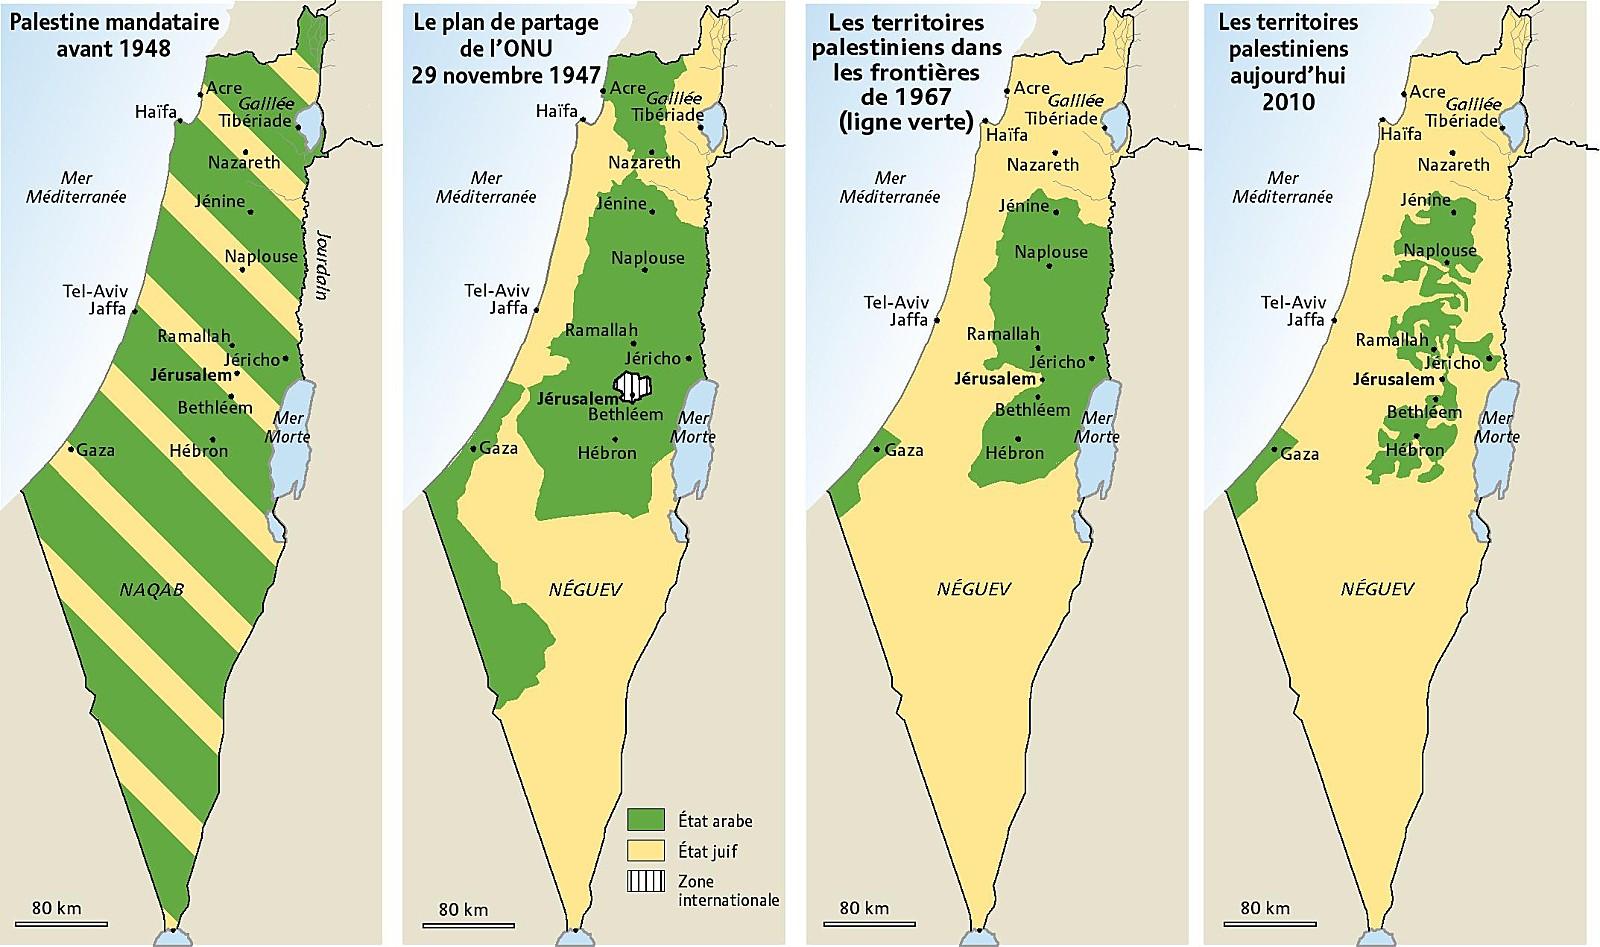 http://www.laplumeagratter.fr/wp-content/uploads/2012/12/carte-de-la-palestine-en-2010.jpg